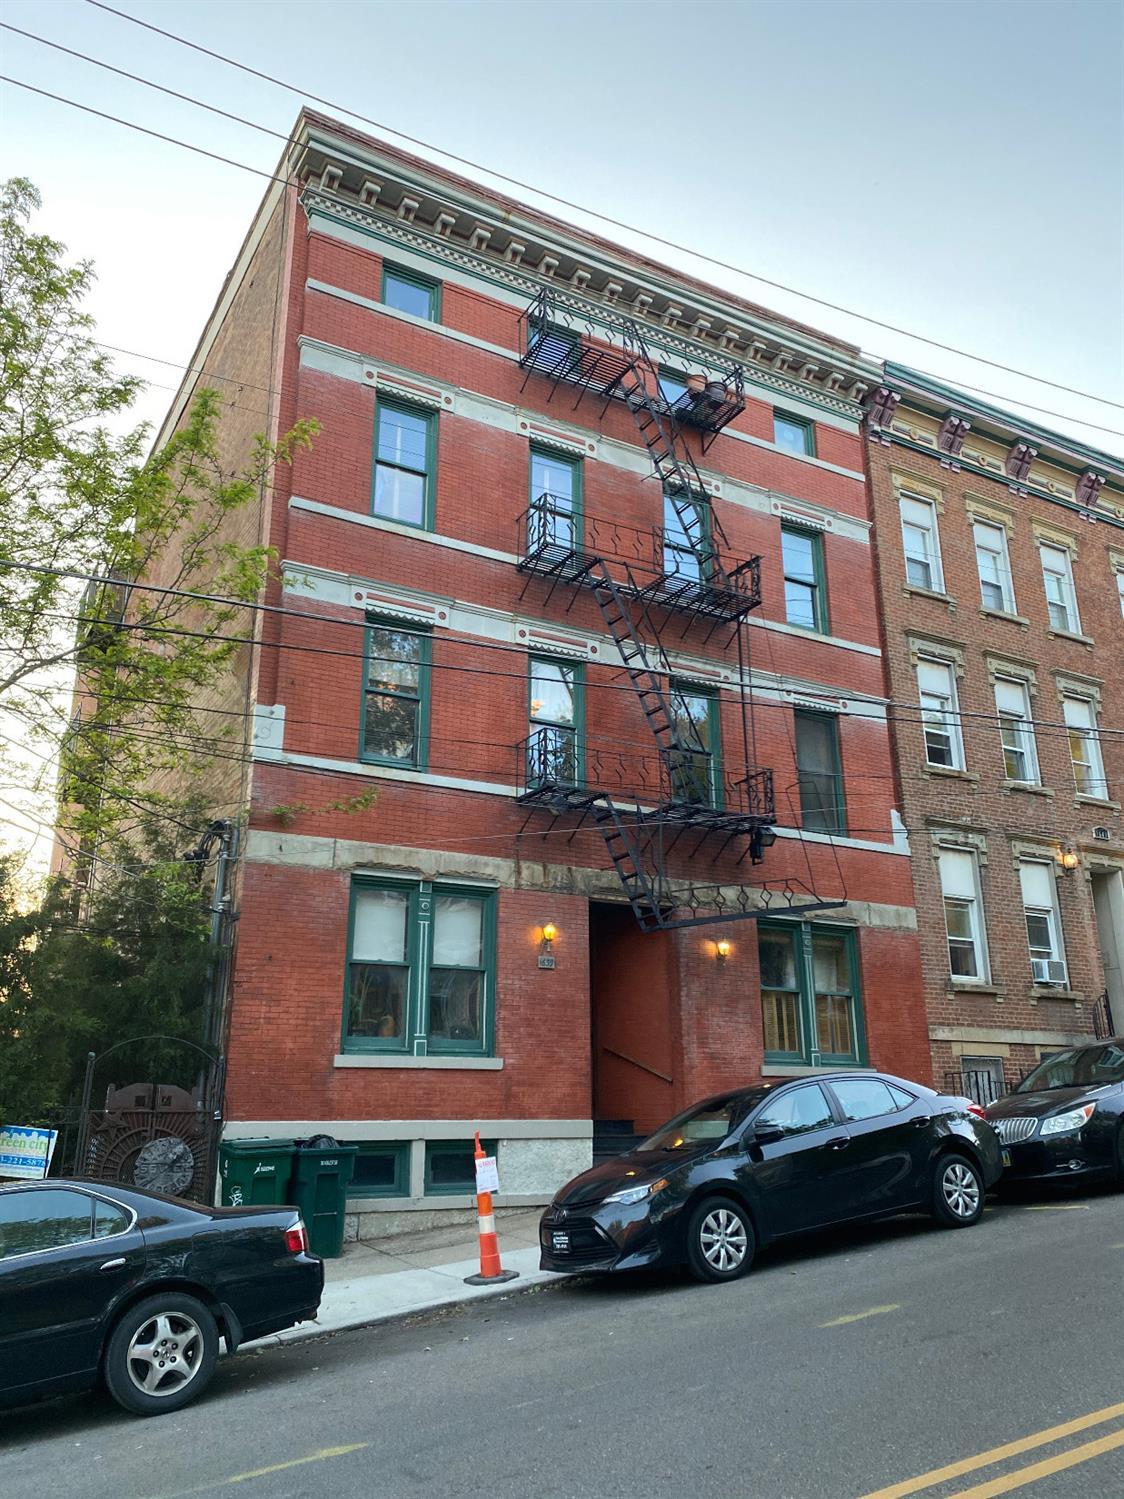 1639 Sycamore Street, Cincinnati, Ohio 45202, 1 Bedroom Bedrooms, 3 Rooms Rooms,1 BathroomBathrooms,Condominium,For Sale,Sycamore,1706027